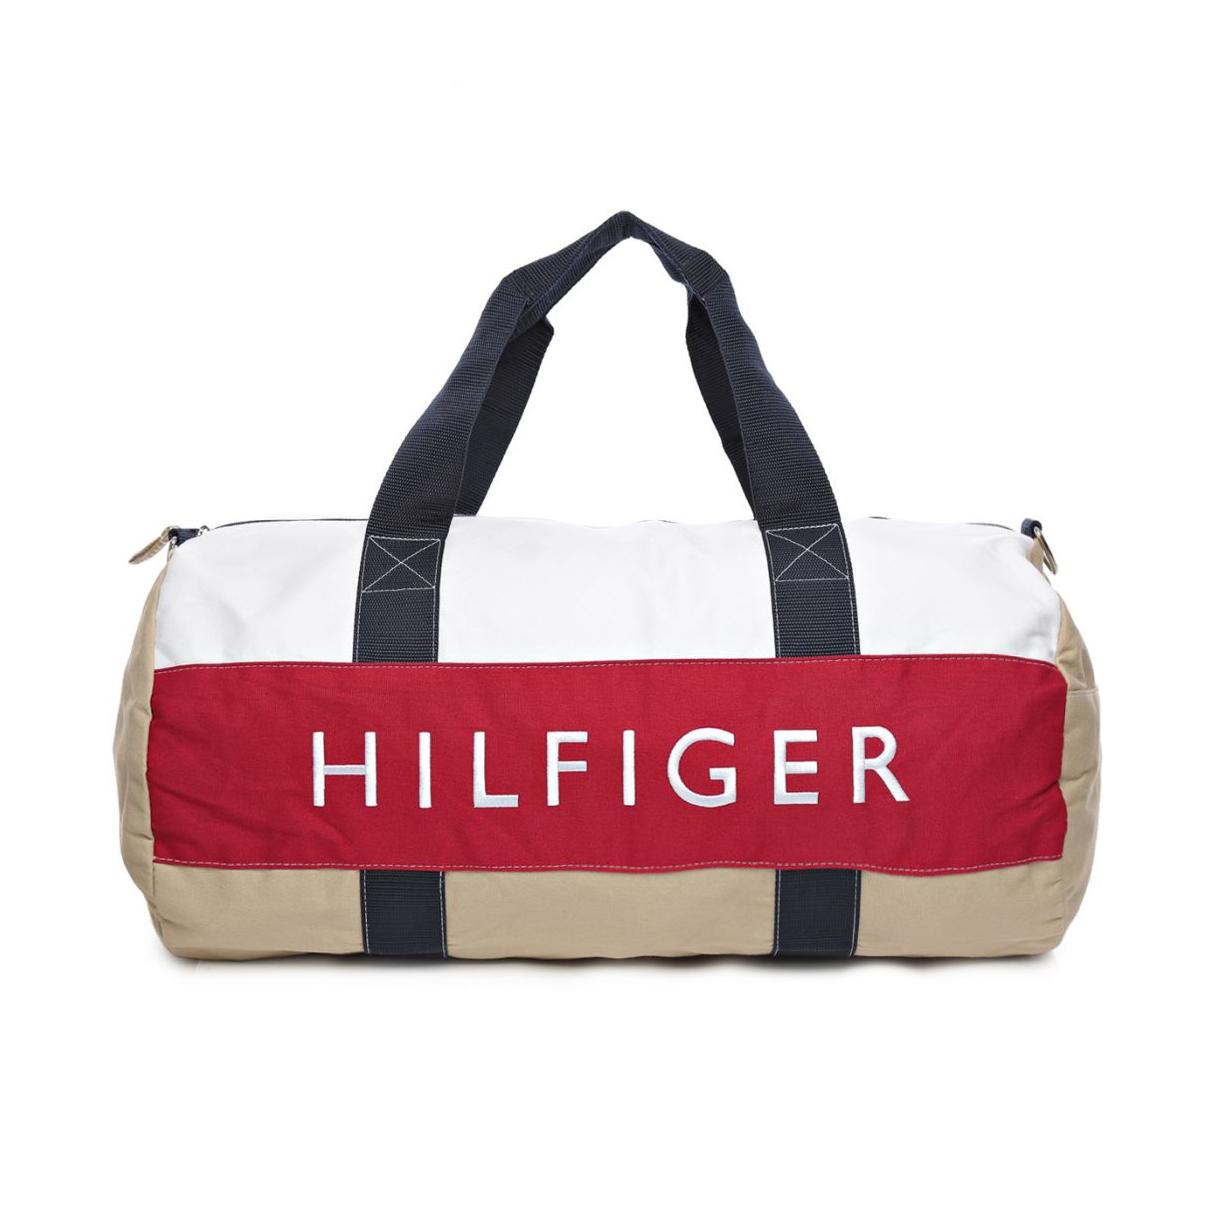 美國百分百【Tommy Hilfiger】旅行袋 TH 圓筒包 運動包 側背包 出國 經典 卡其 白紅 男 女 F645